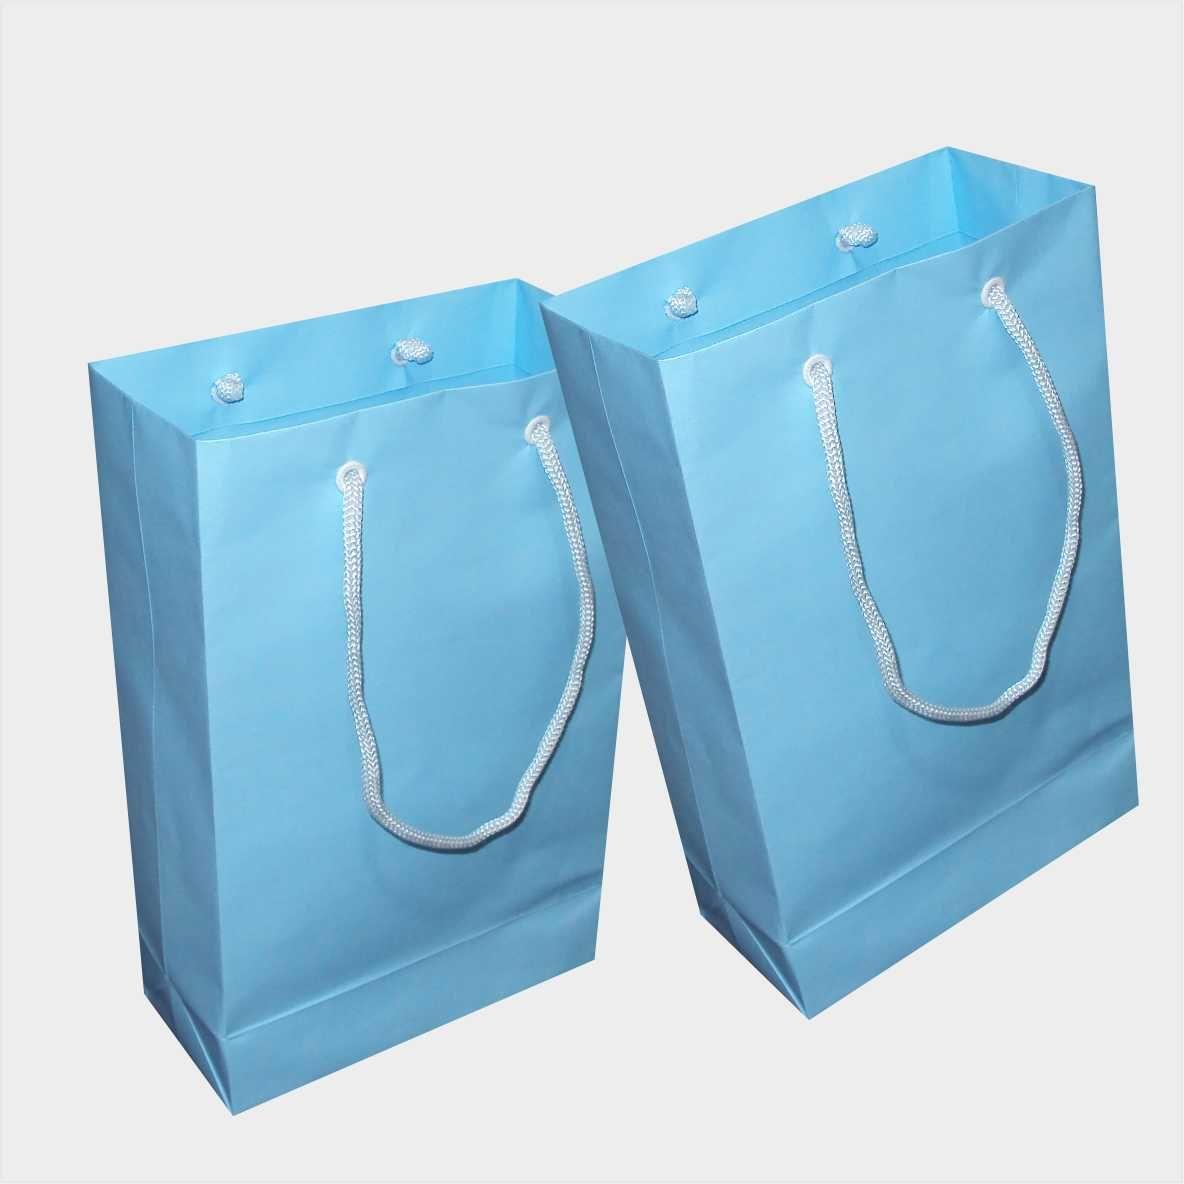 Sacola de papel (15x24x7 cm) pequena - cor azul claro- 10 unidades